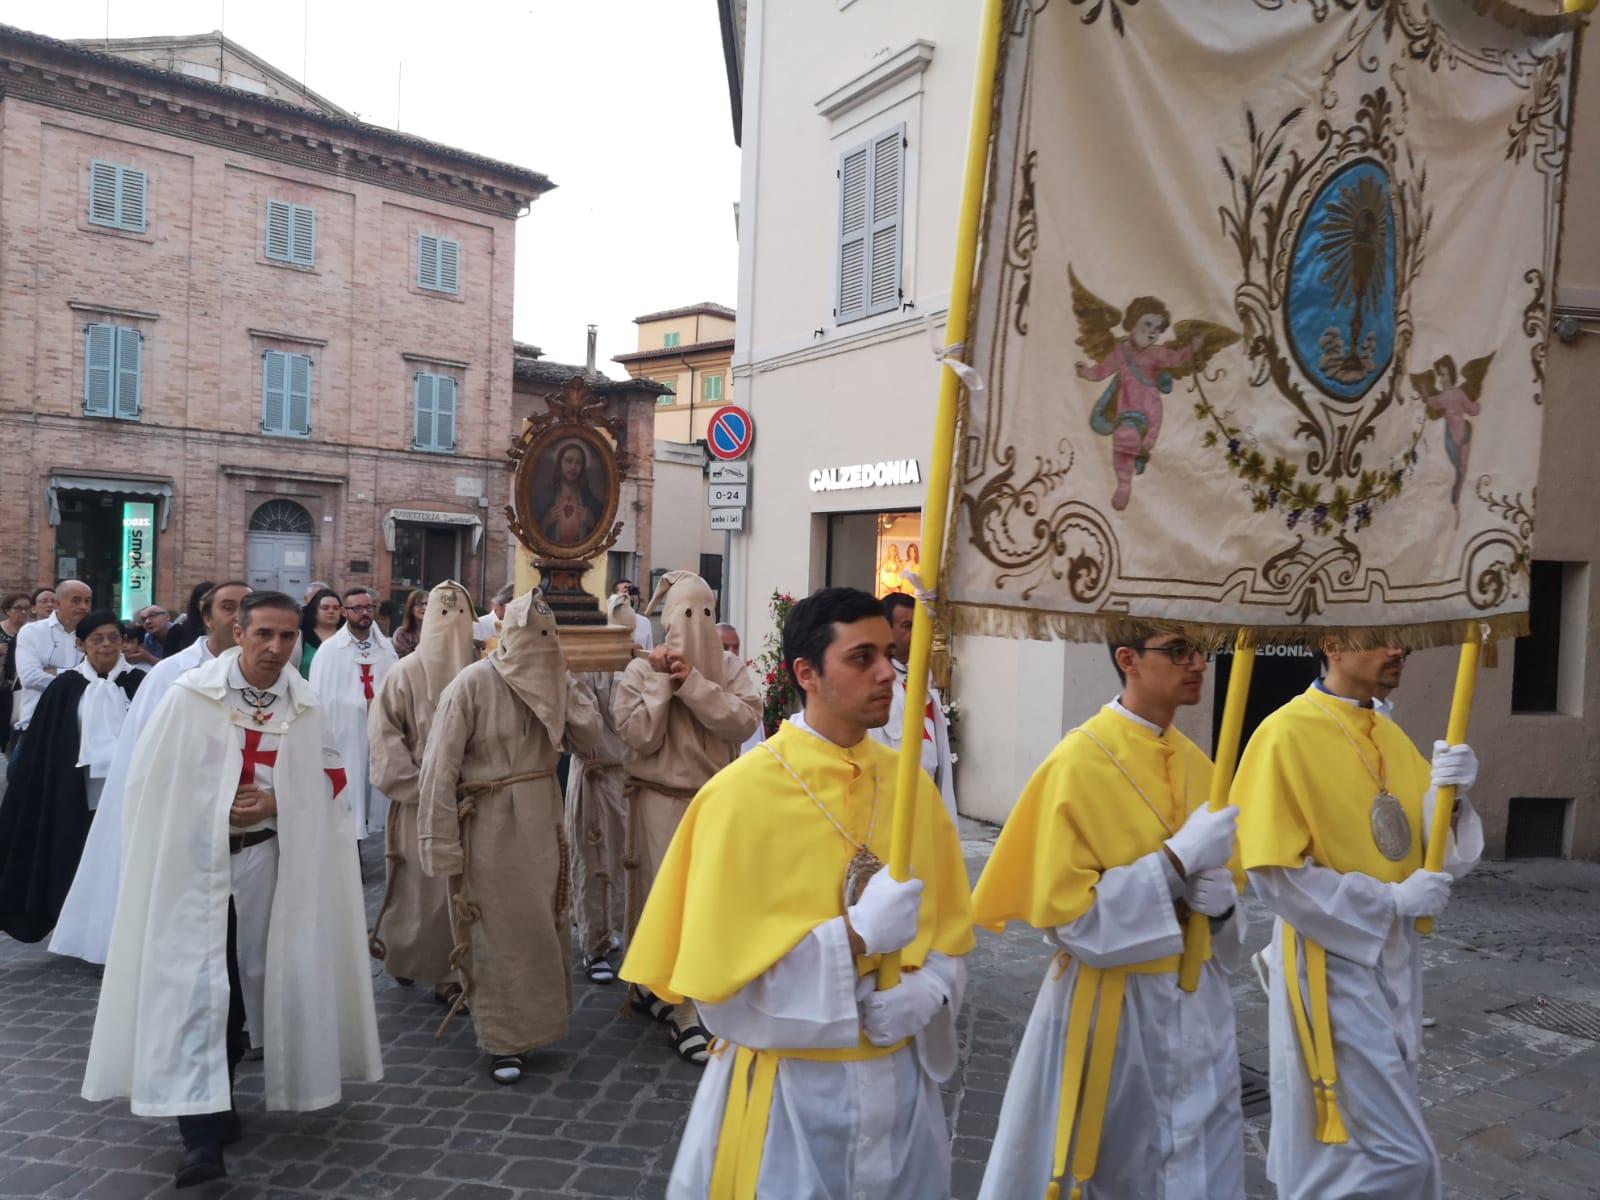 Festa del Sacro Cuore di Gesù – Processione e S.Messa in Rito Antico a Tolentino (MC)